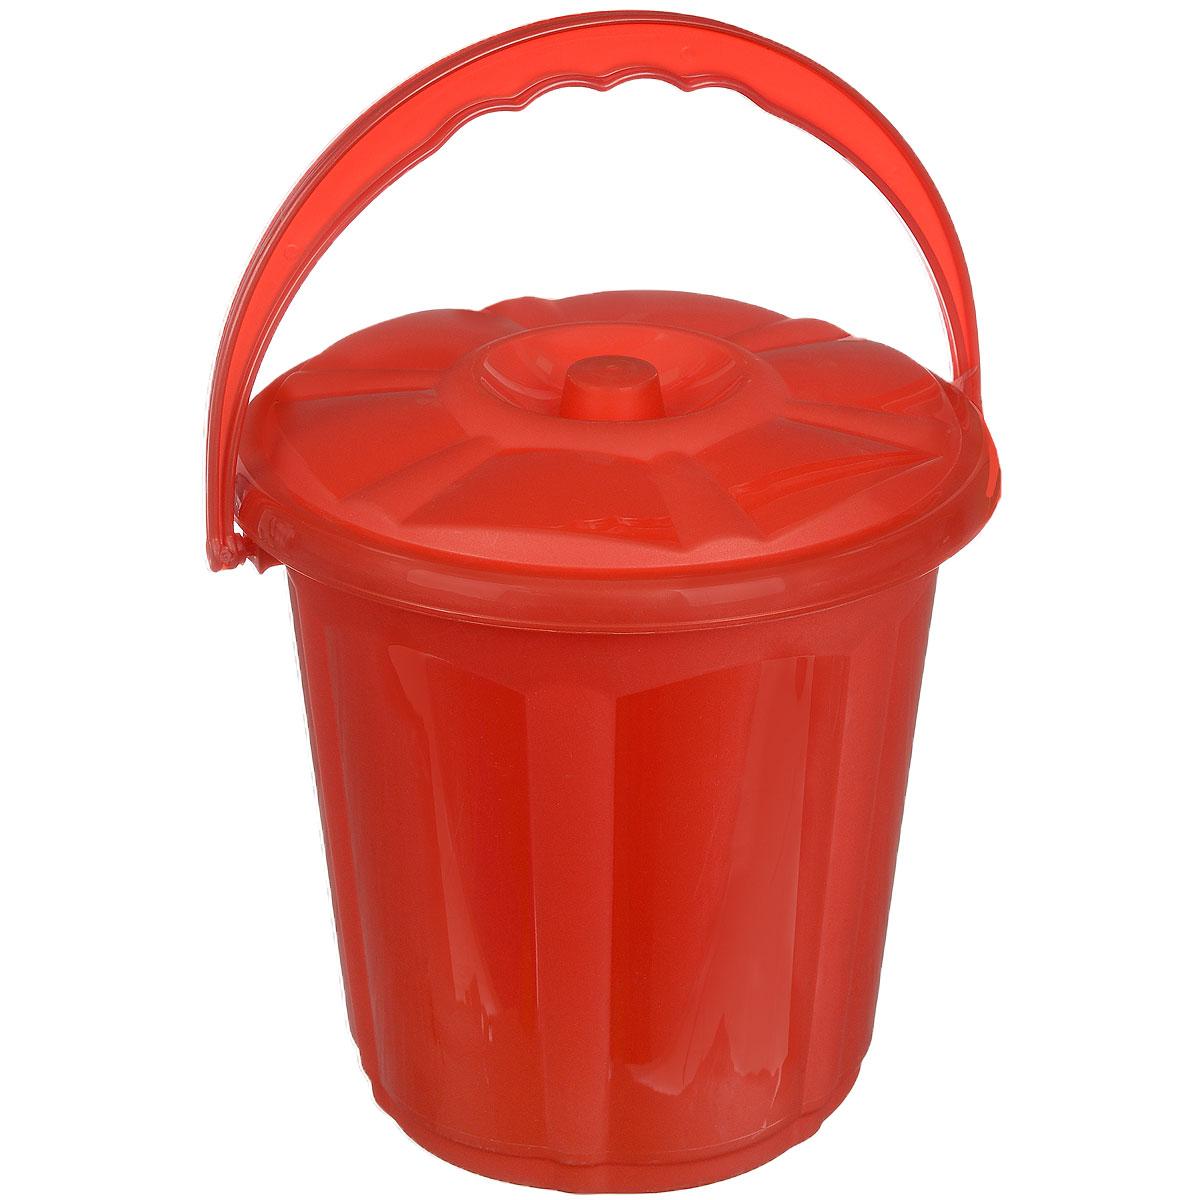 Ведро Dunya Plastik Стиль, с крышкой, цвет: красный, 5 л9101_красныйВедро Dunya Plastik Стиль изготовлено из прочного пластика. Изделие оснащено плотно закрывающейся крышкой и удобной ручкой. Такое ведро прекрасно подойдет для различных хозяйственных нужд: для уборки или хранения мусора. Диаметр ведра (по верхнему краю): 20,5 см. Высота (без учета крышки): 20 см.